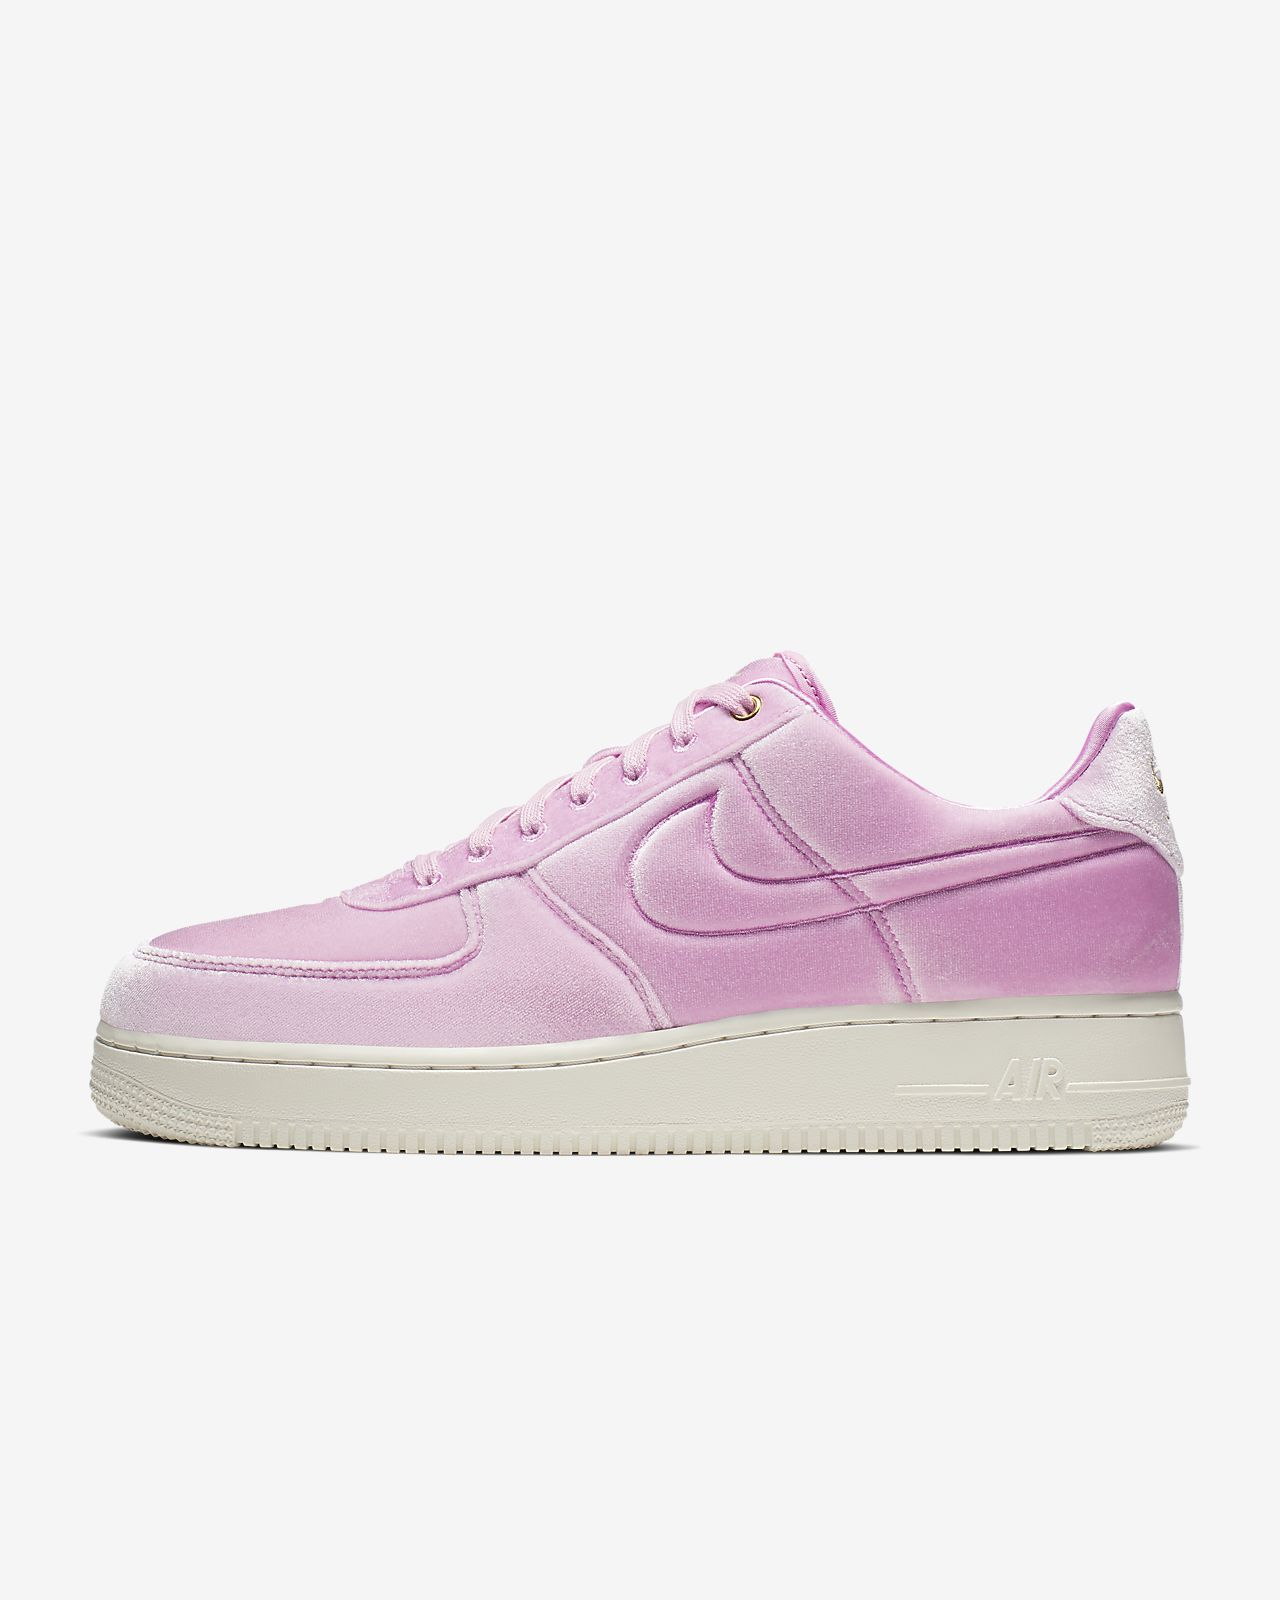 Nike Air Force 1 '07 Premium 3 Men's Shoe